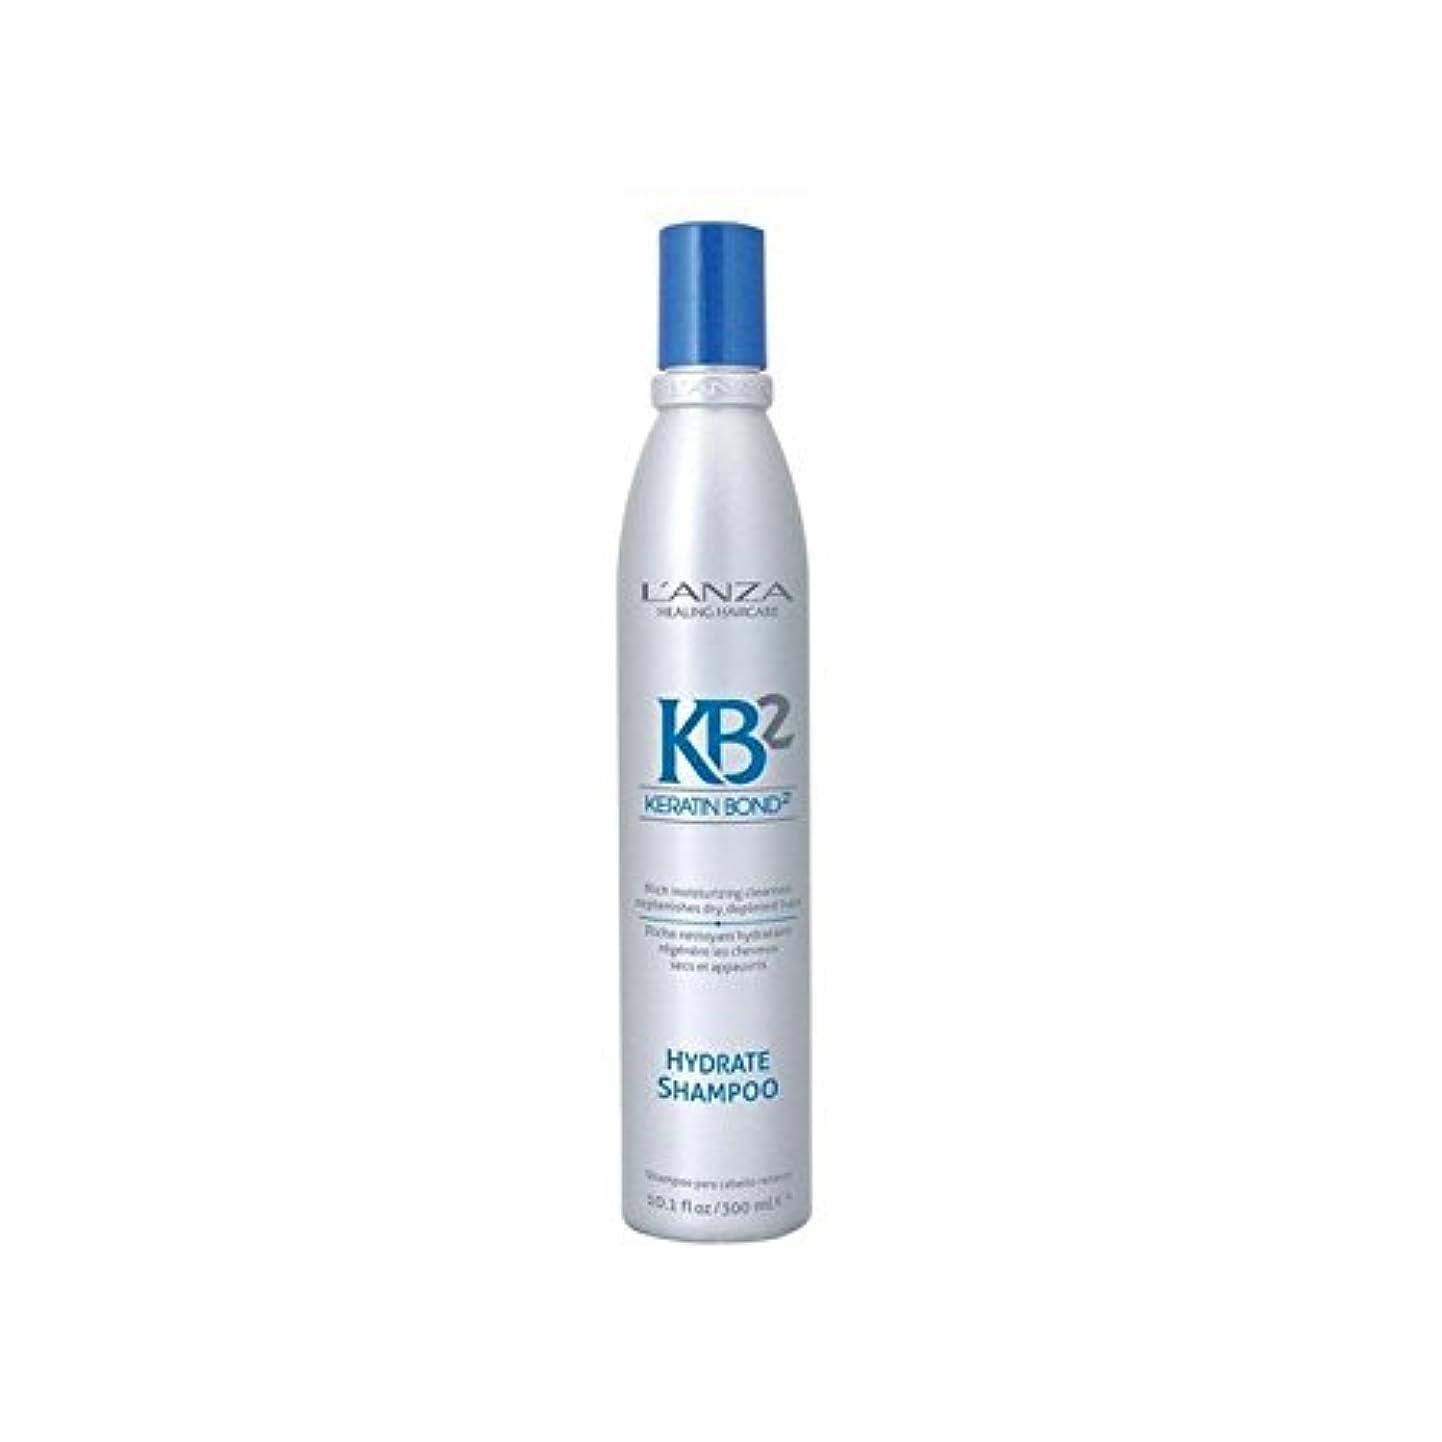 涙影響するマトロンアンザ2和物シャンプー(300ミリリットル) x4 - L'Anza Kb2 Hydrate Shampoo (300ml) (Pack of 4) [並行輸入品]